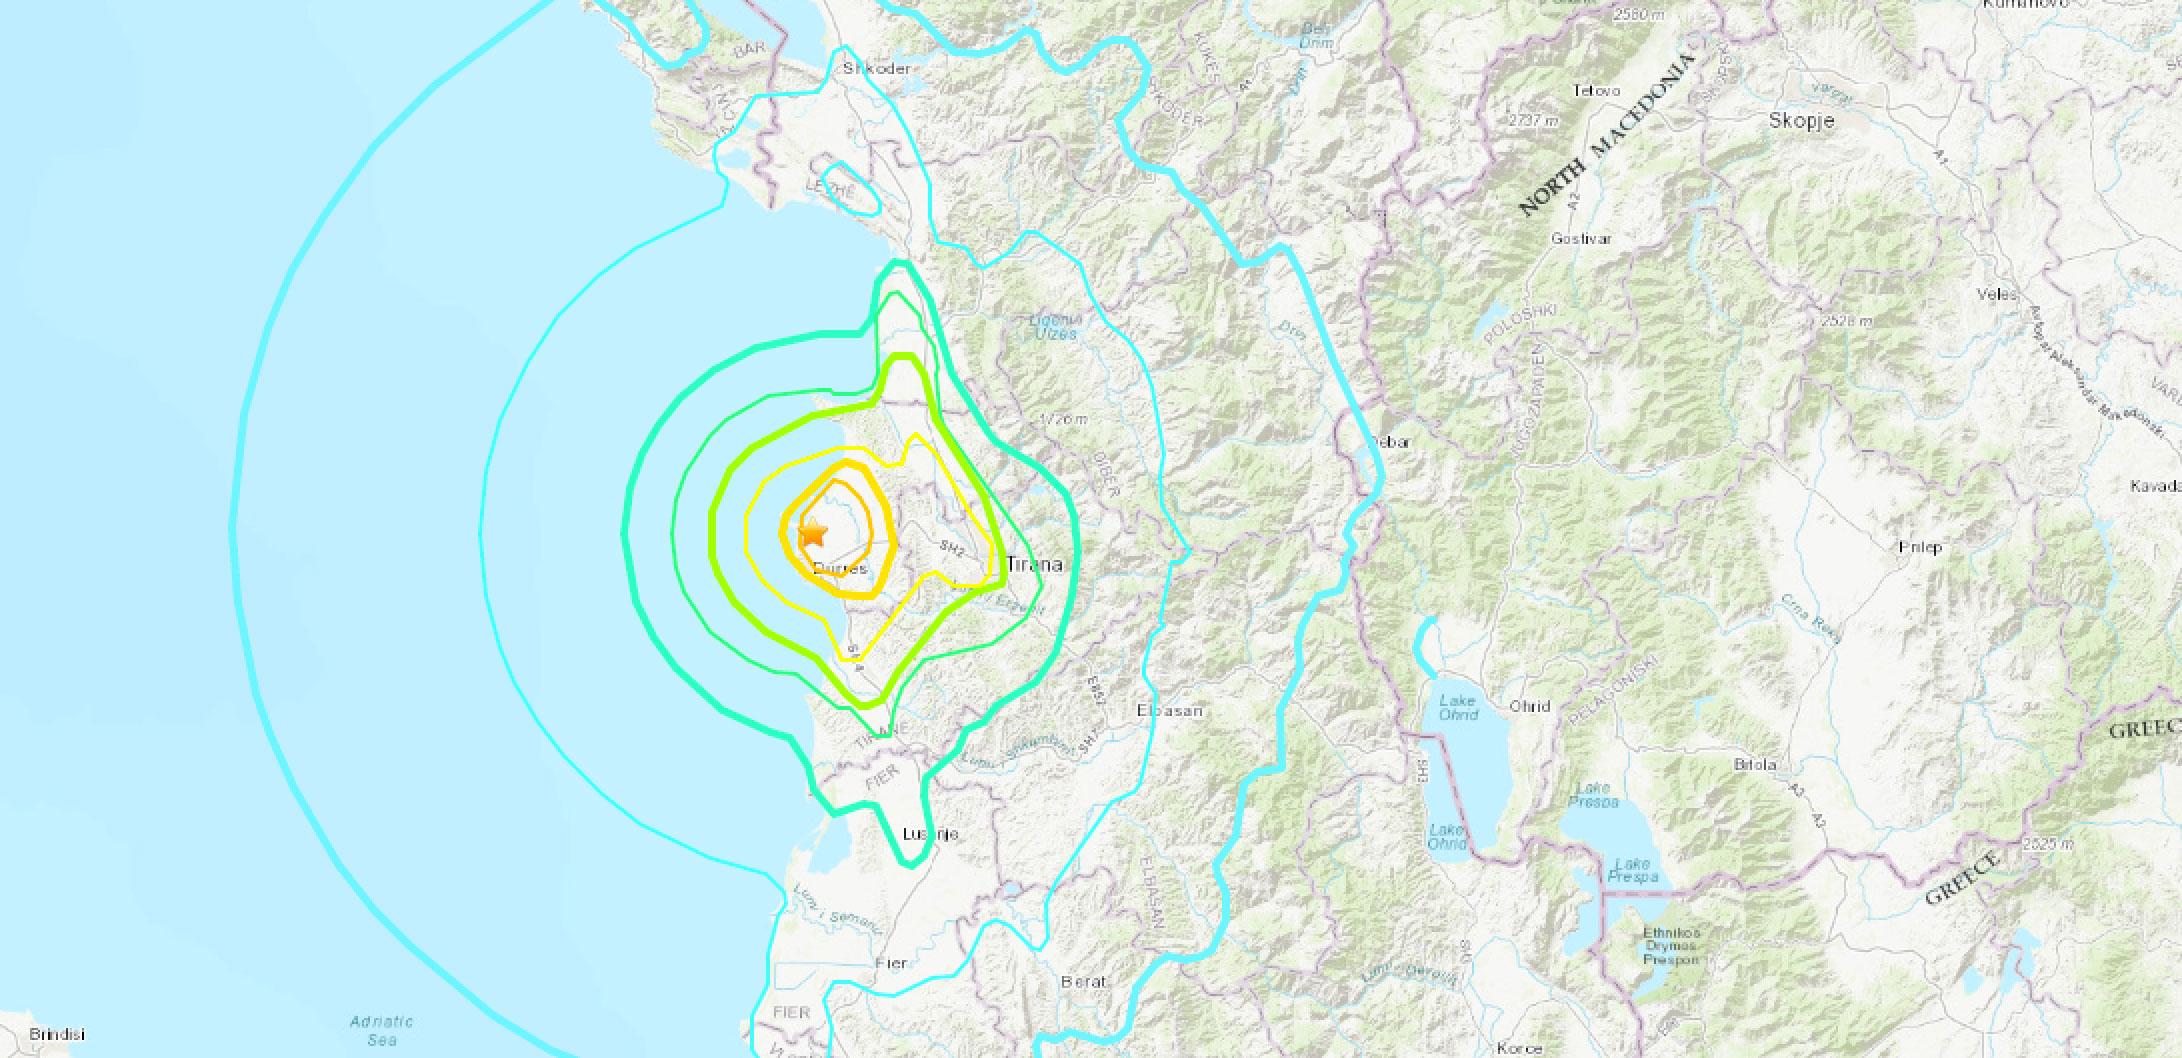 Karte des Erdbebens vom 21. September 2019